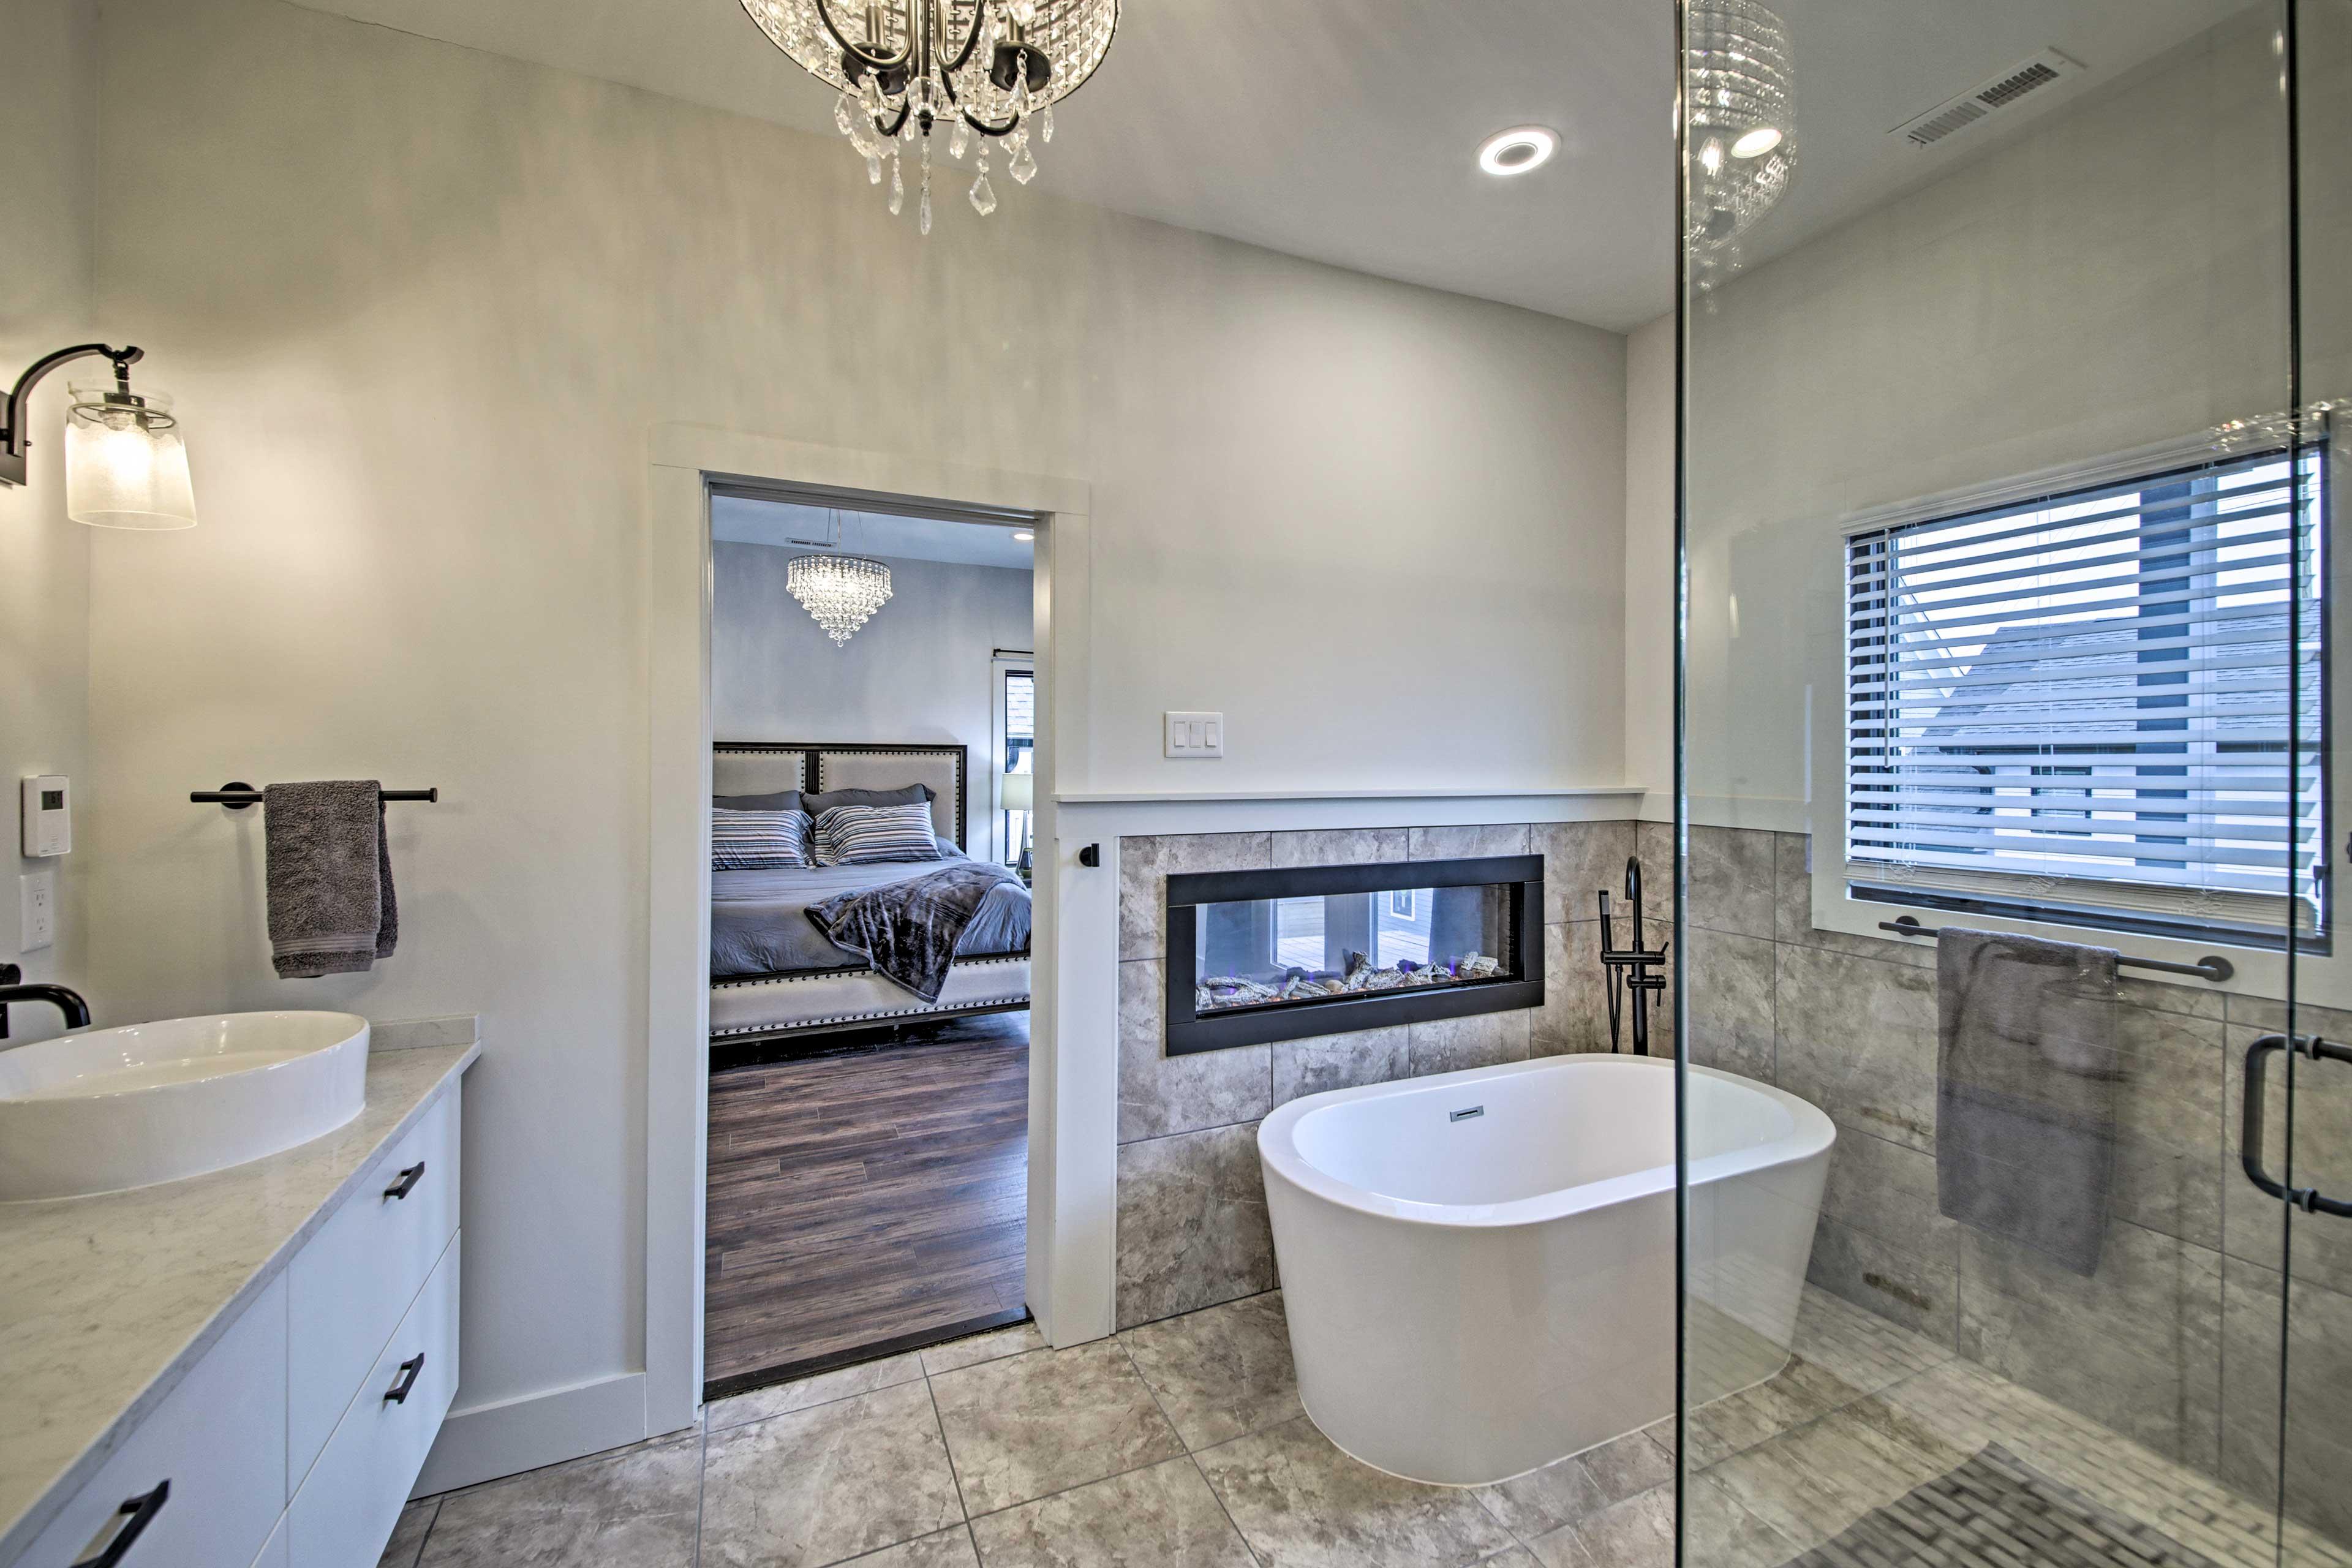 The en-suite bathroom features a bathtub and tile shower.